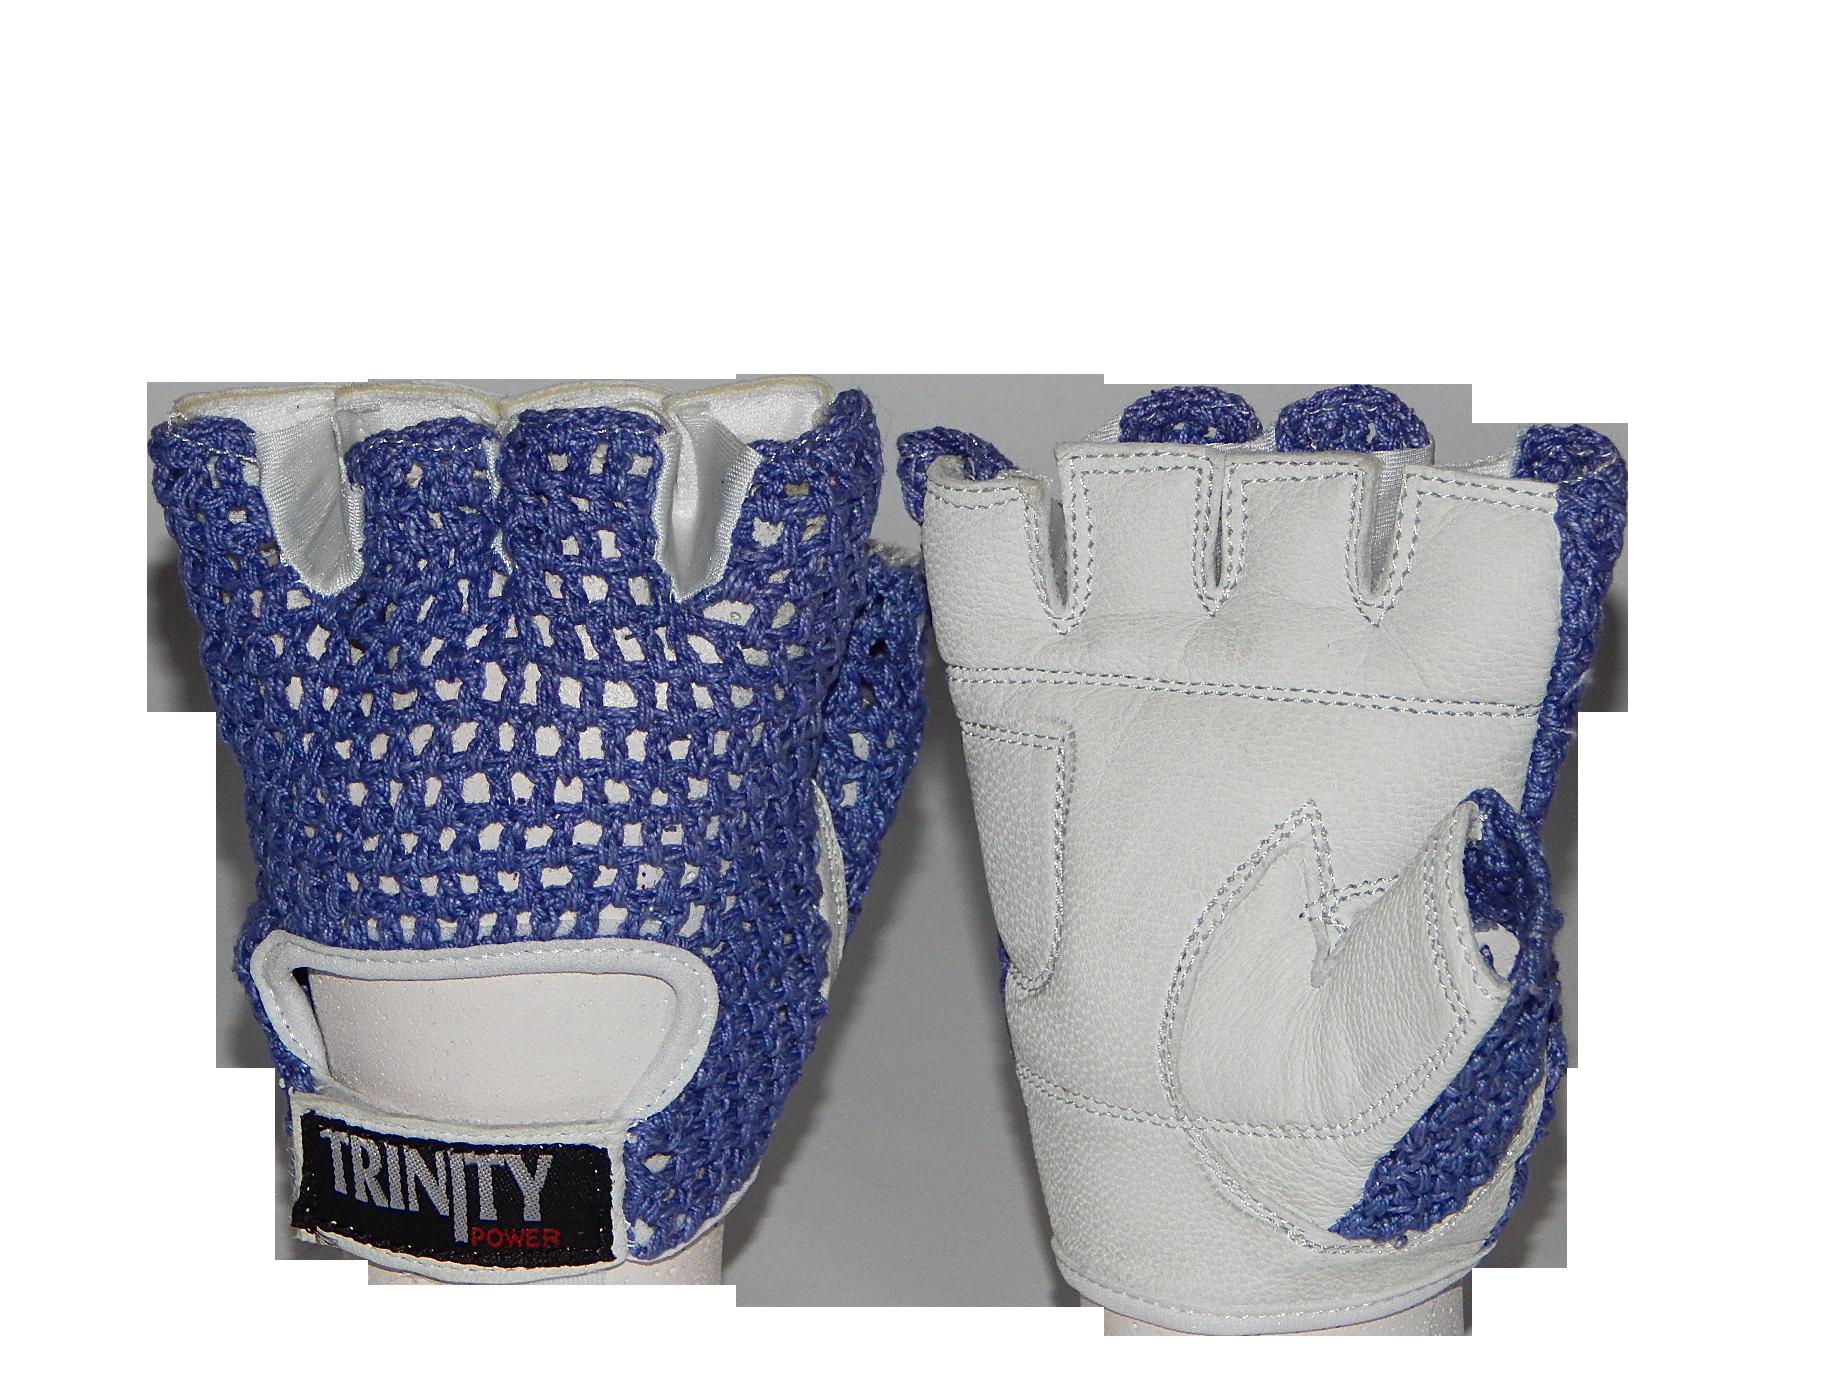 f94bec320 Fitness rukavice - Fitnessdk s.r.o.